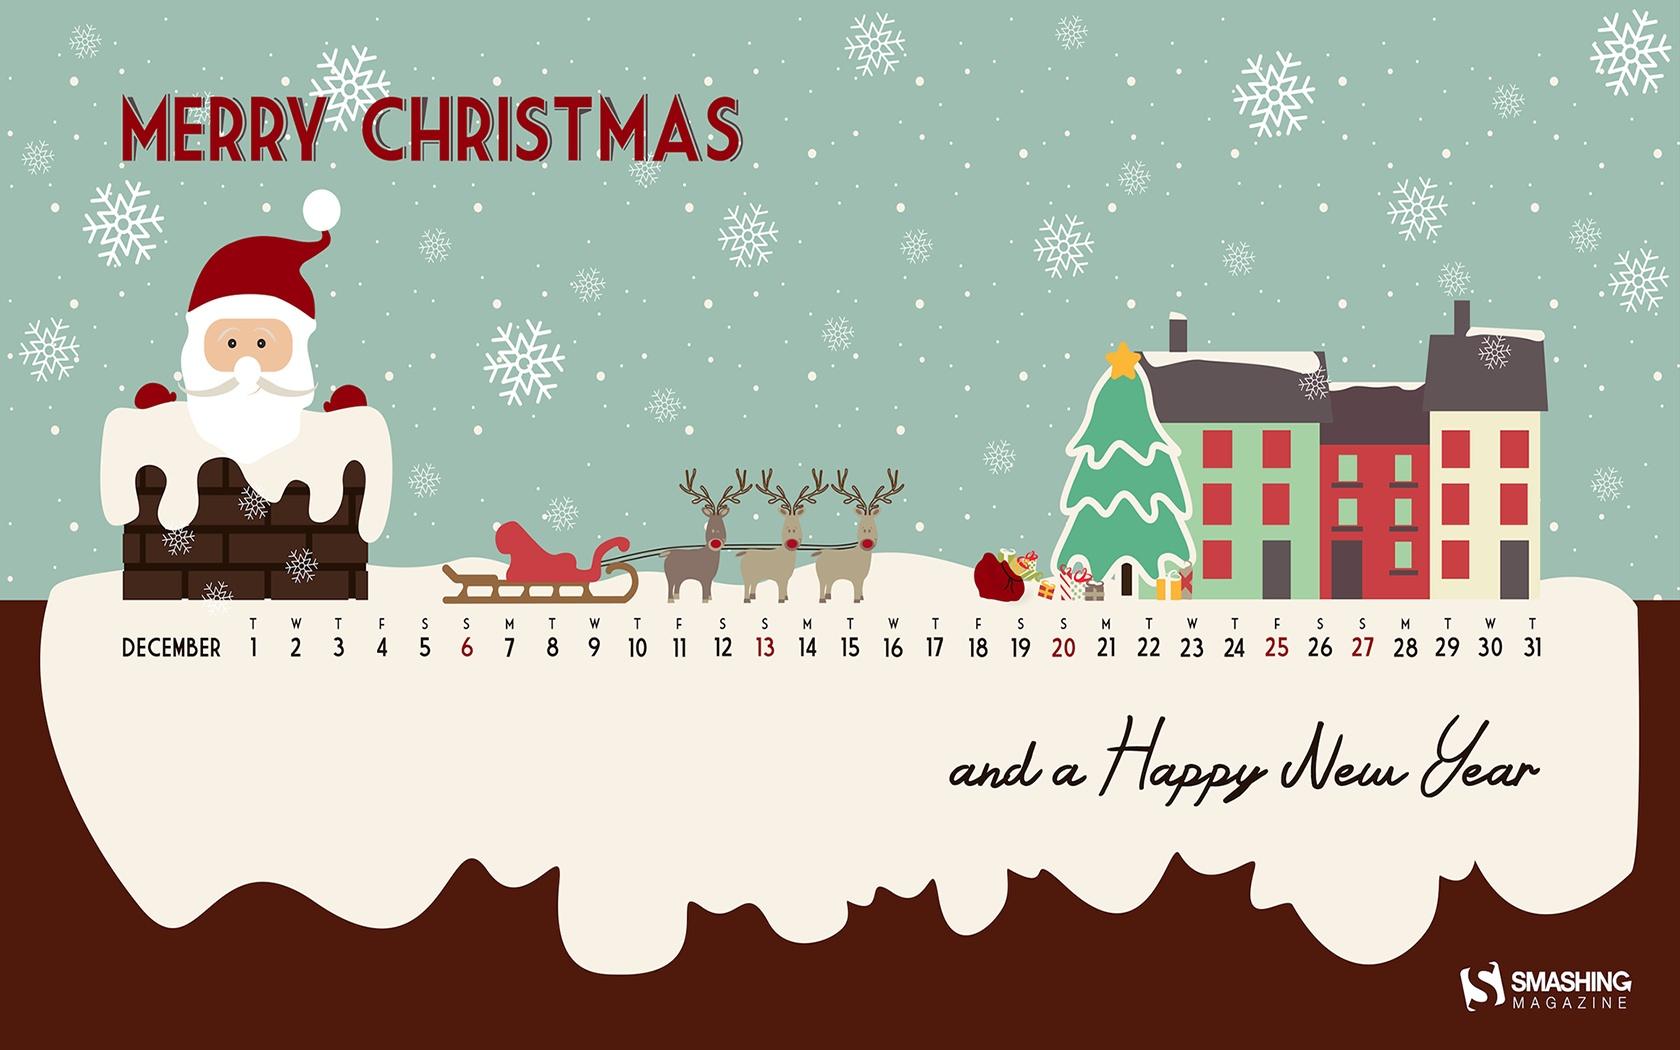 Month Calendar Christmas Desktop Wallpaper - Christmas Desktop Wallpaper Calendar - HD Wallpaper